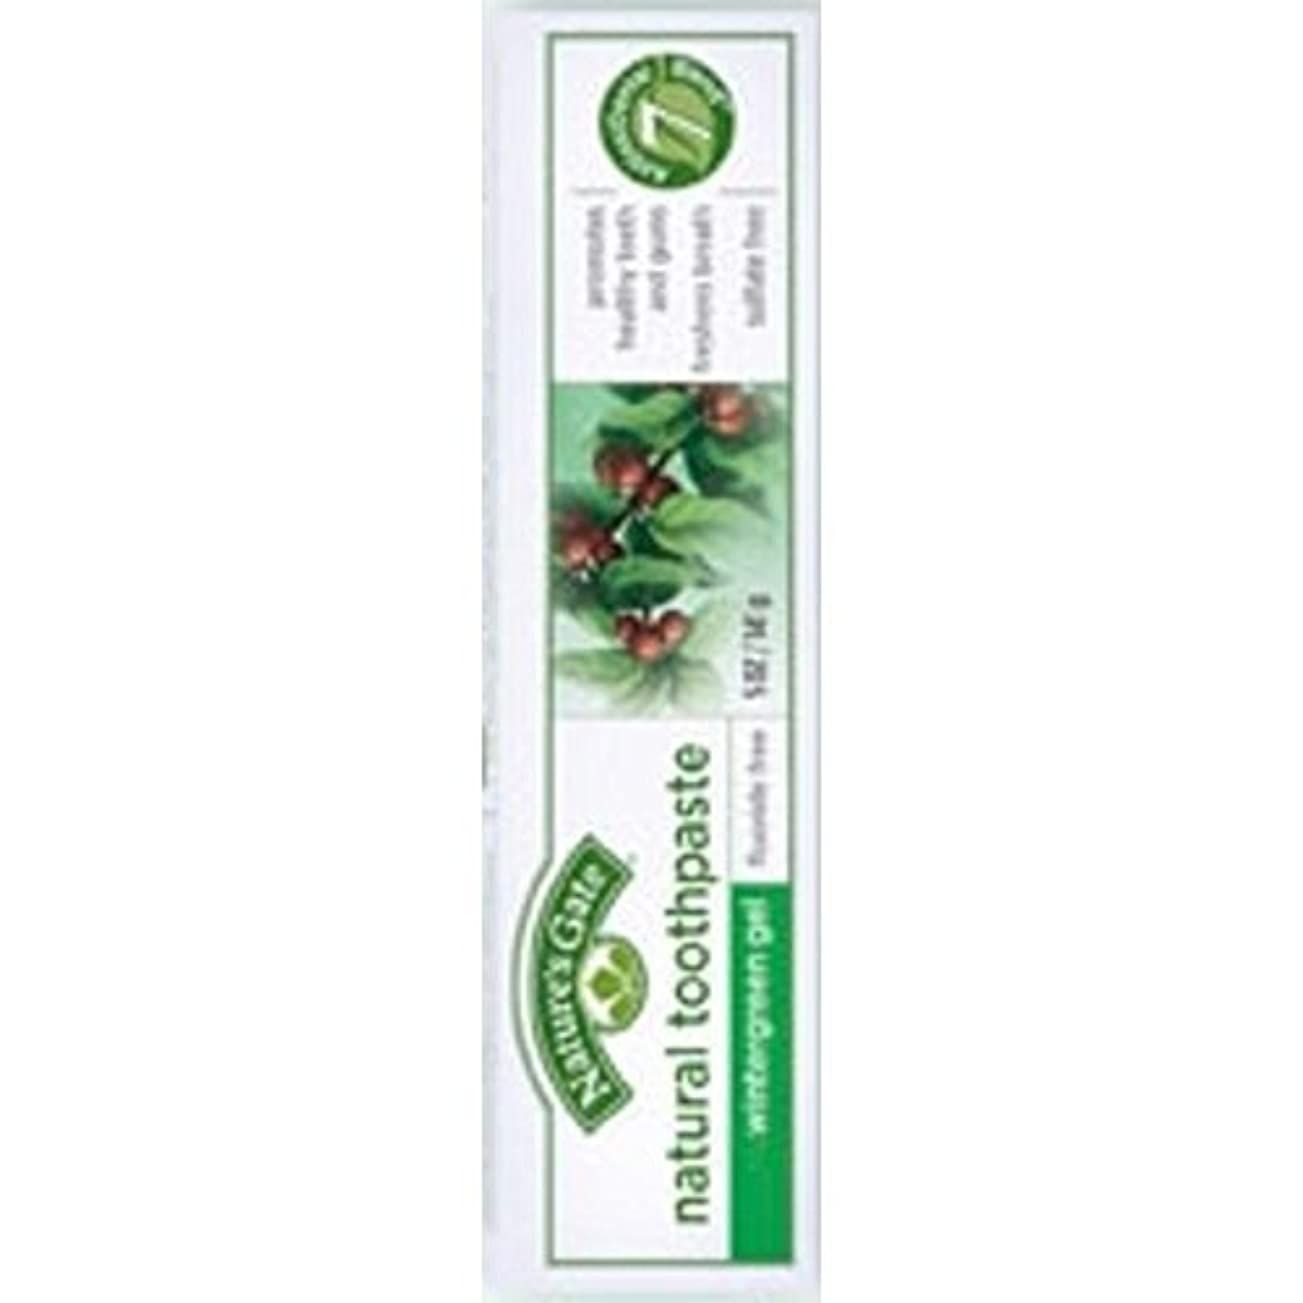 尾皮杭Nature's Gate Natural Toothpaste Gel Flouride Free Wintergreen - 5 oz - Case of 6 by Nature's Gate [並行輸入品]